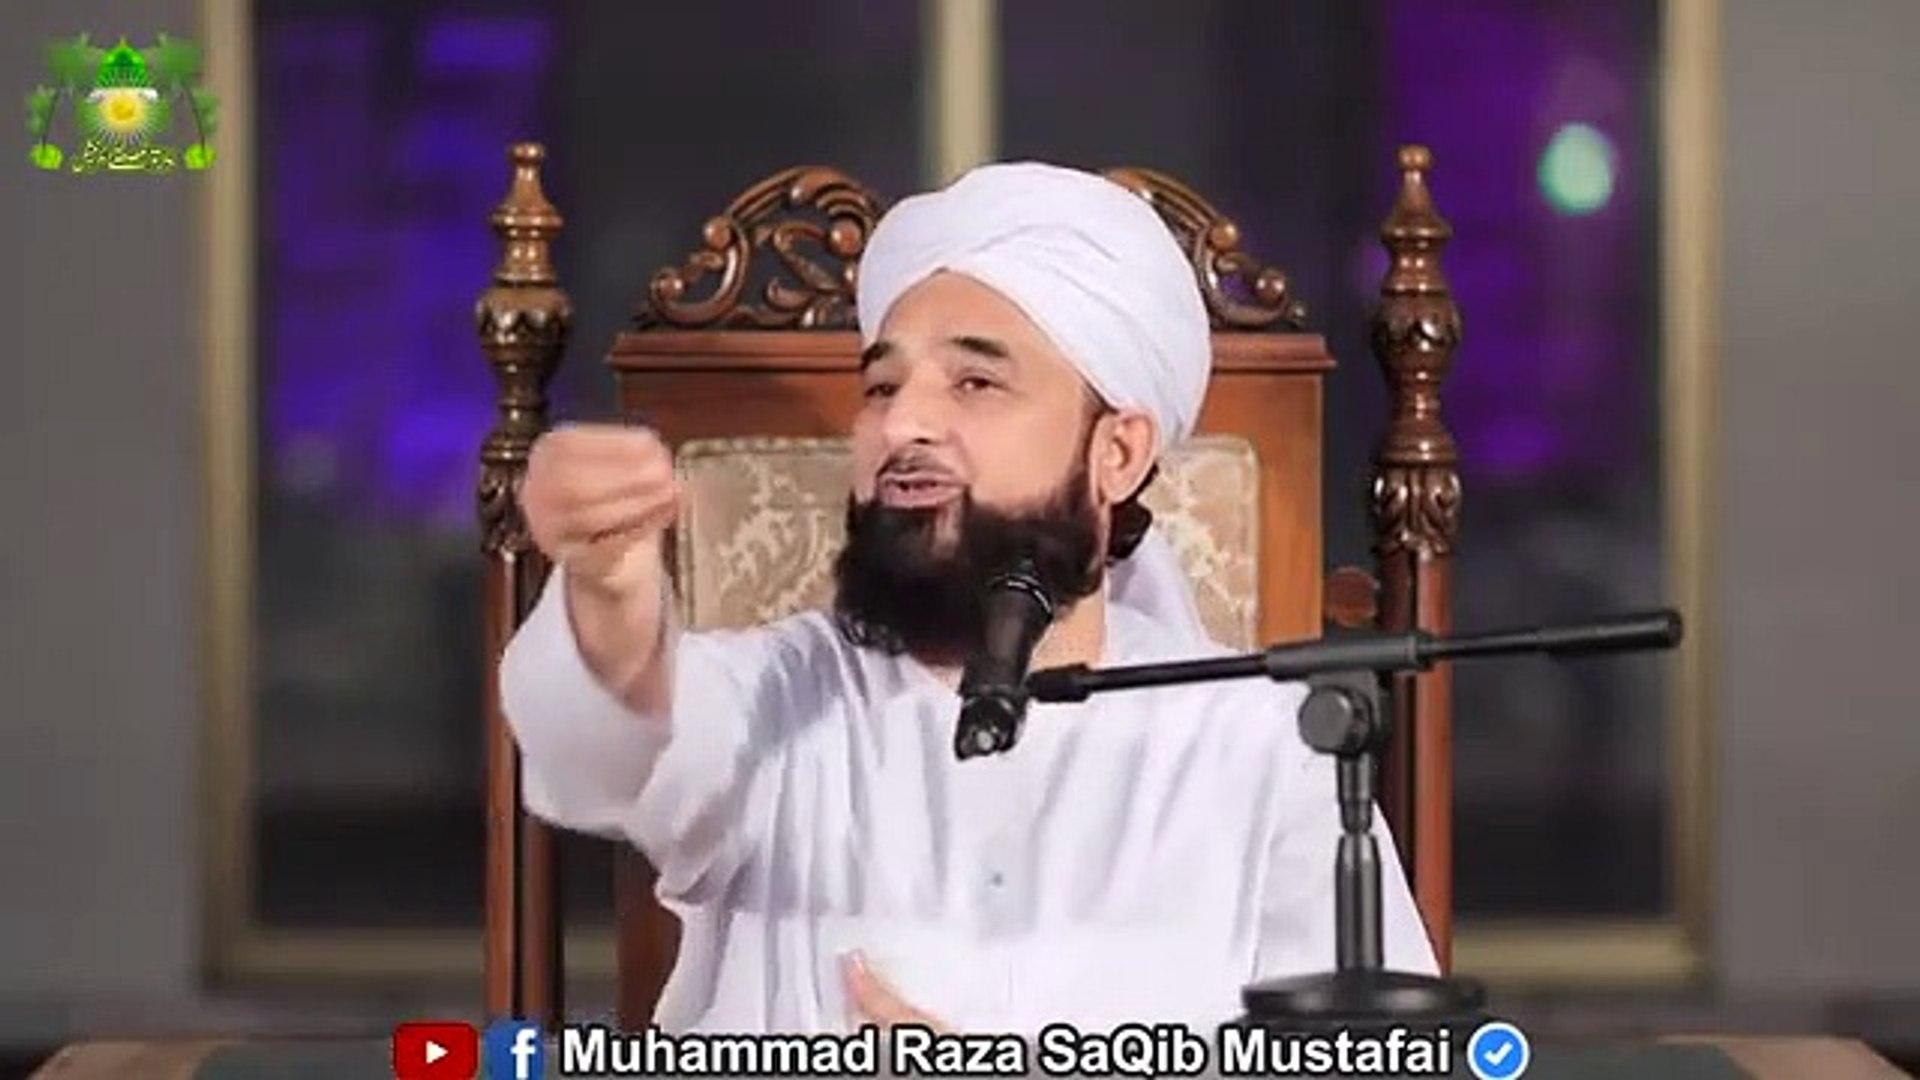 Maangne ka Saleeqa Muhammad Raza Saqib Mustafai_New Bayan